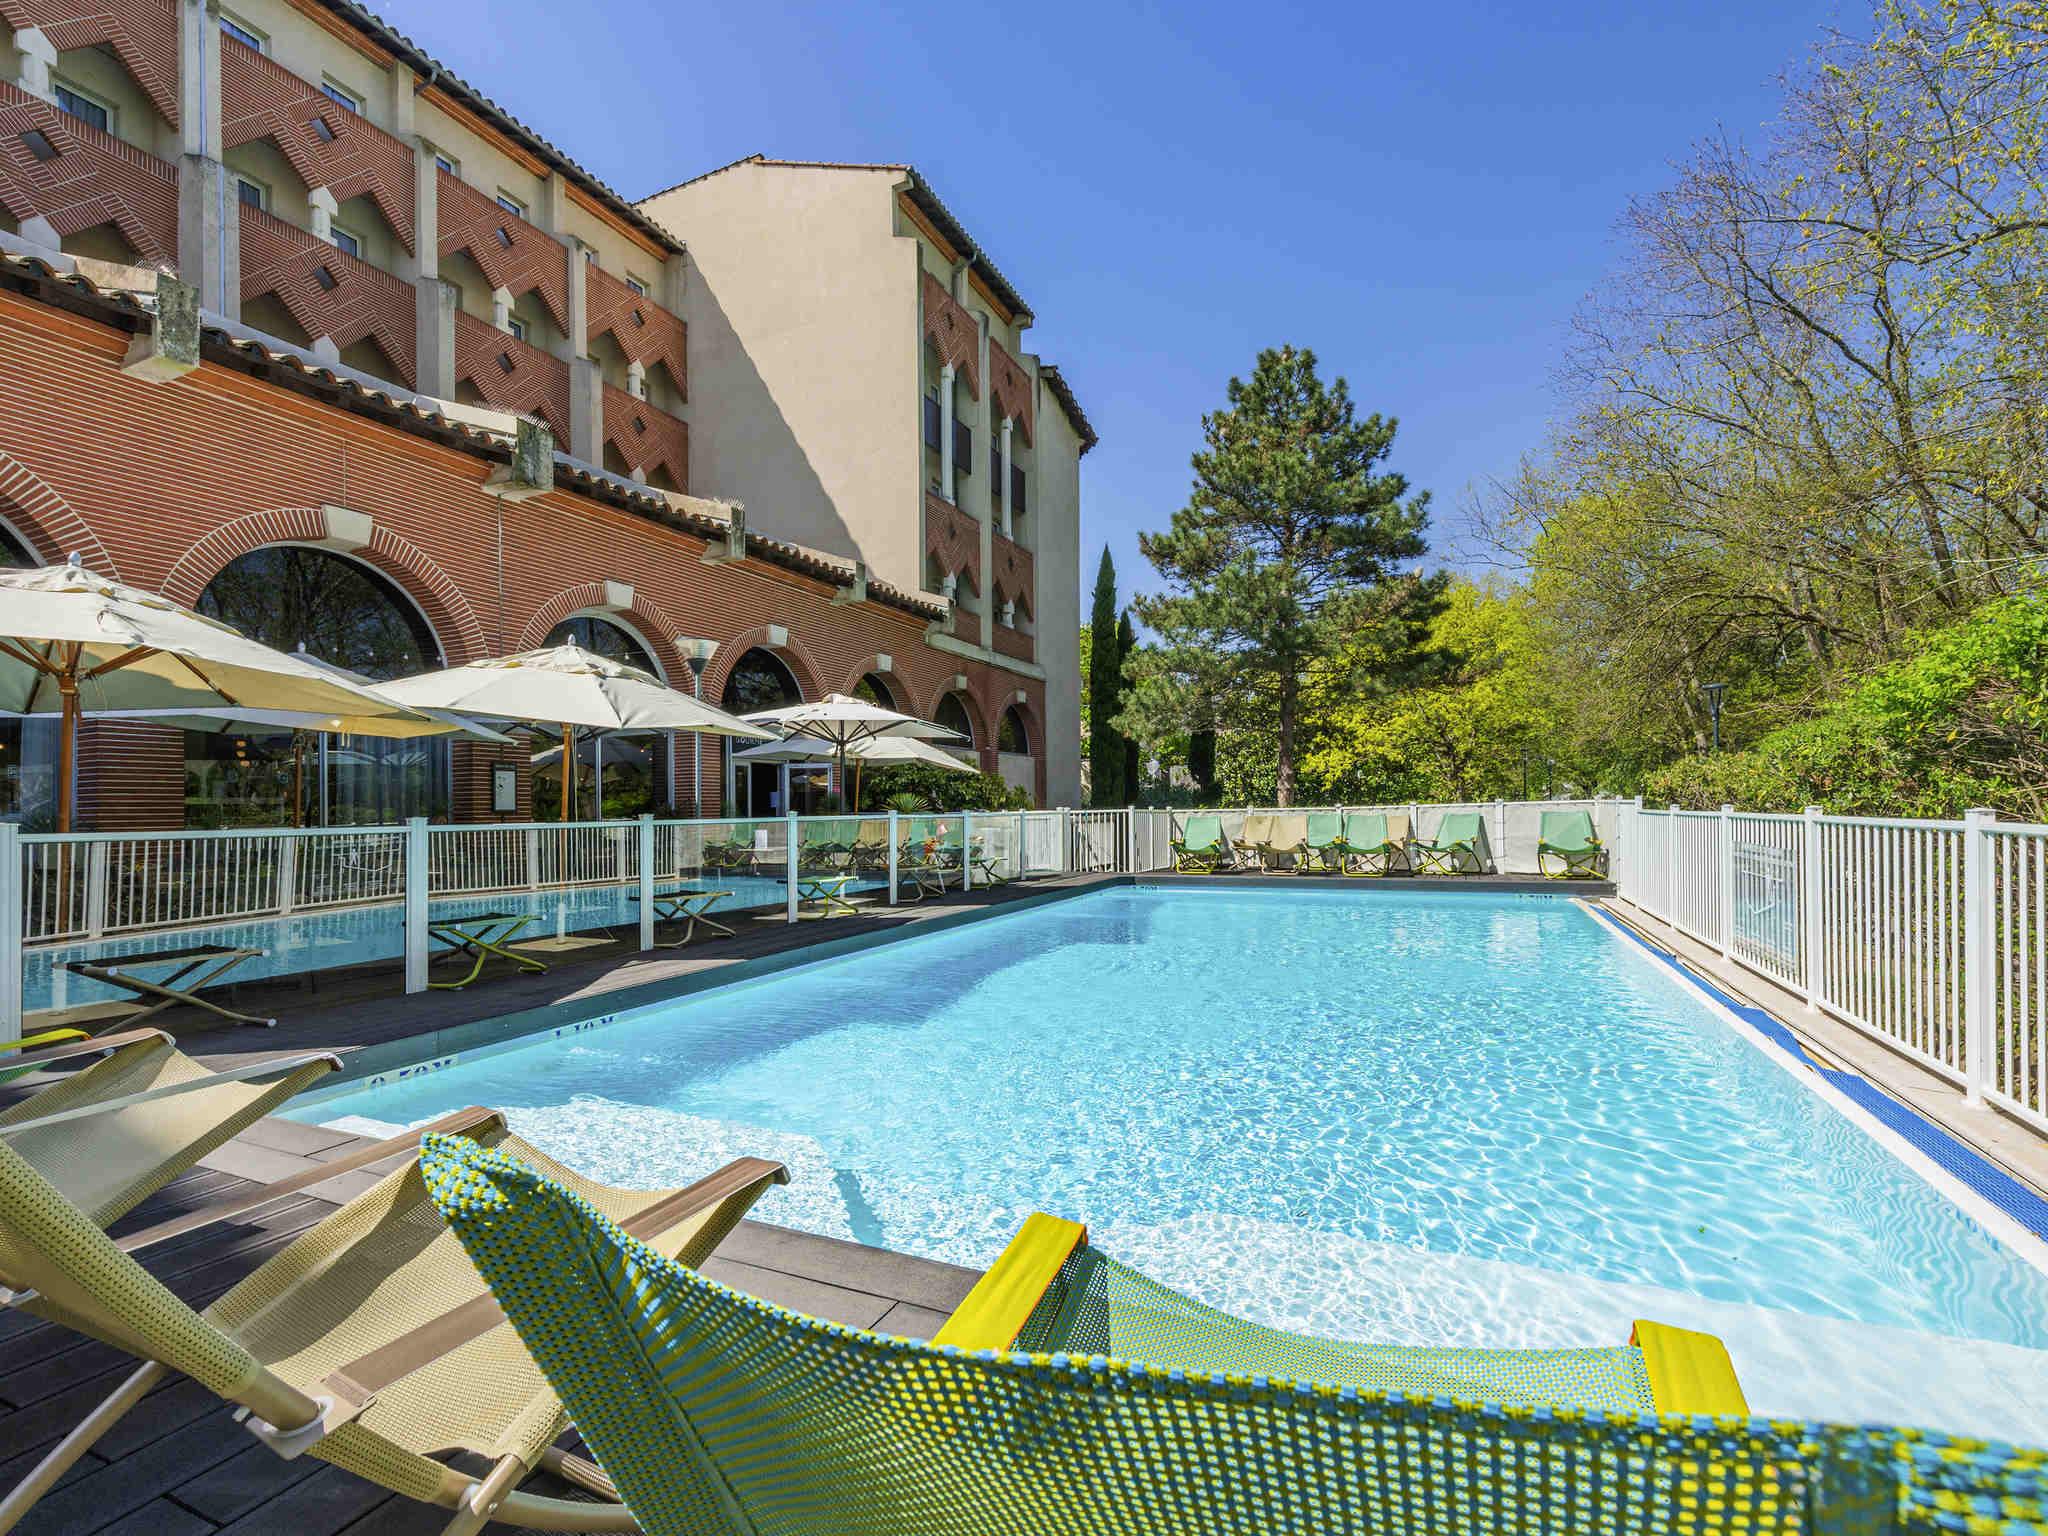 酒店 – 图卢兹中心康潘加法尔里诺富特酒店